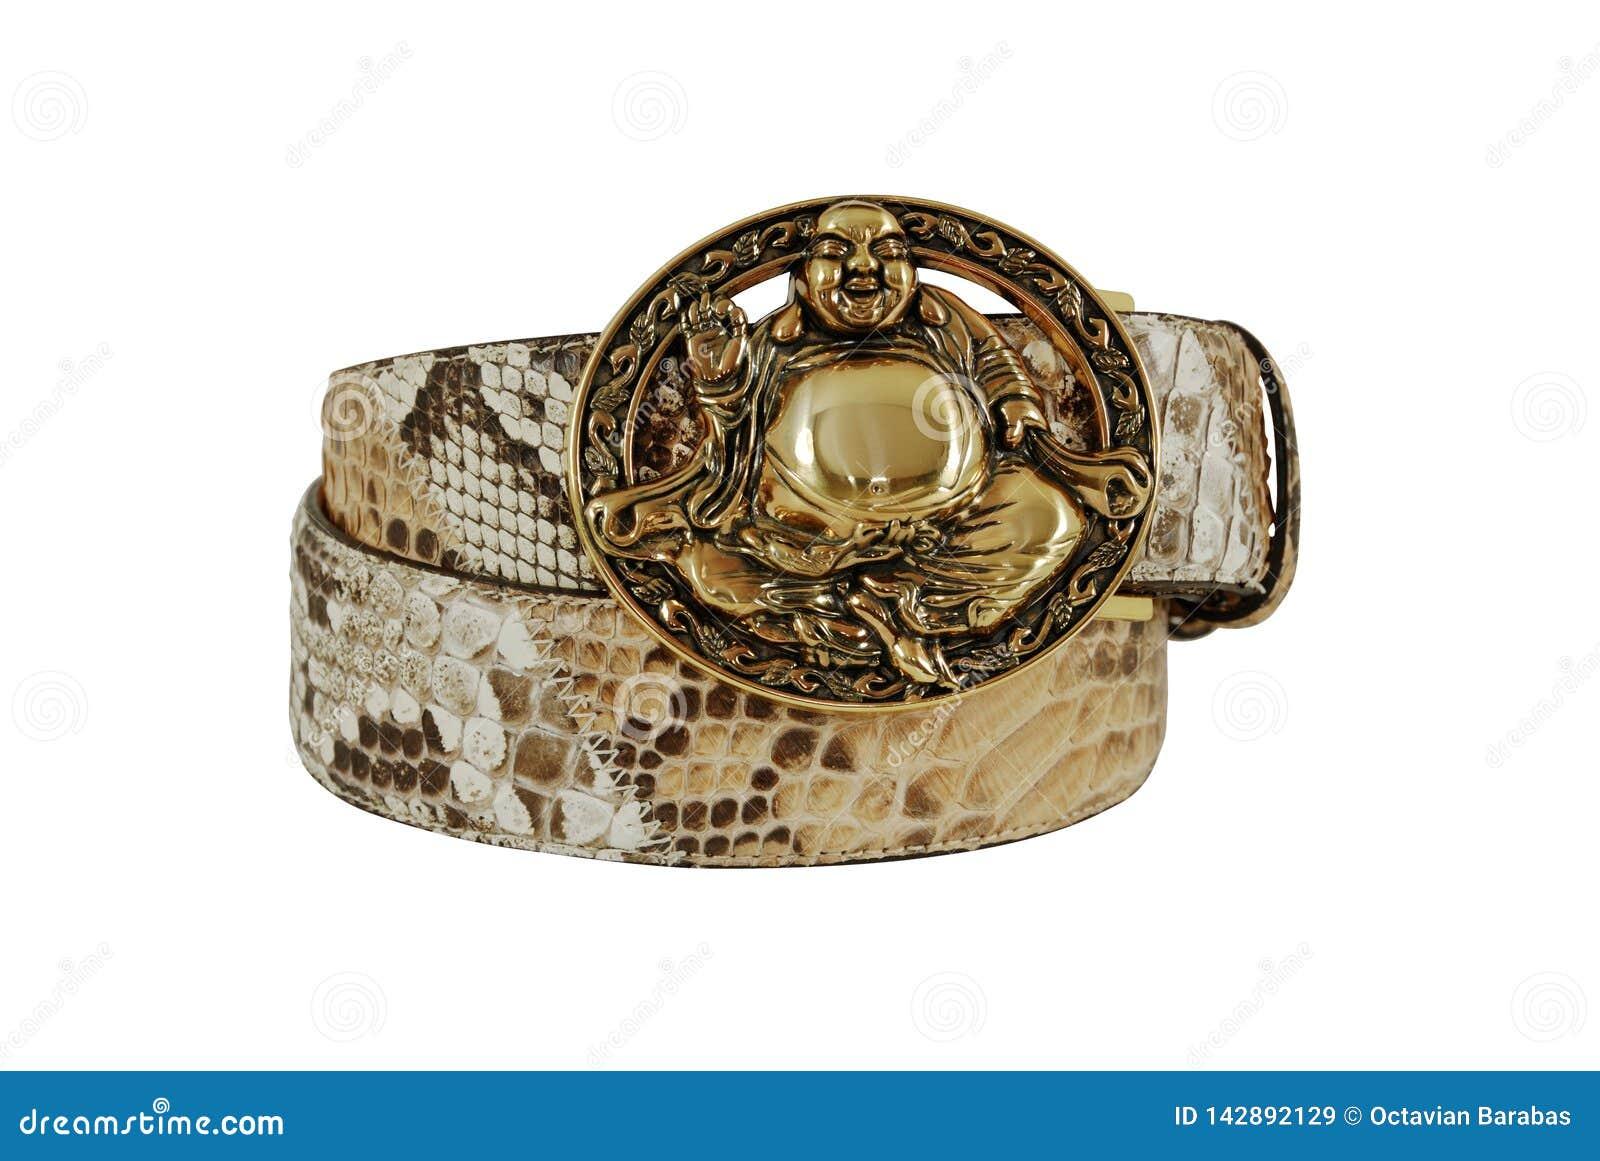 Brown e cinghia di cuoio bianca del serpente con il fermaglio dorato di Buddha su fondo bianco